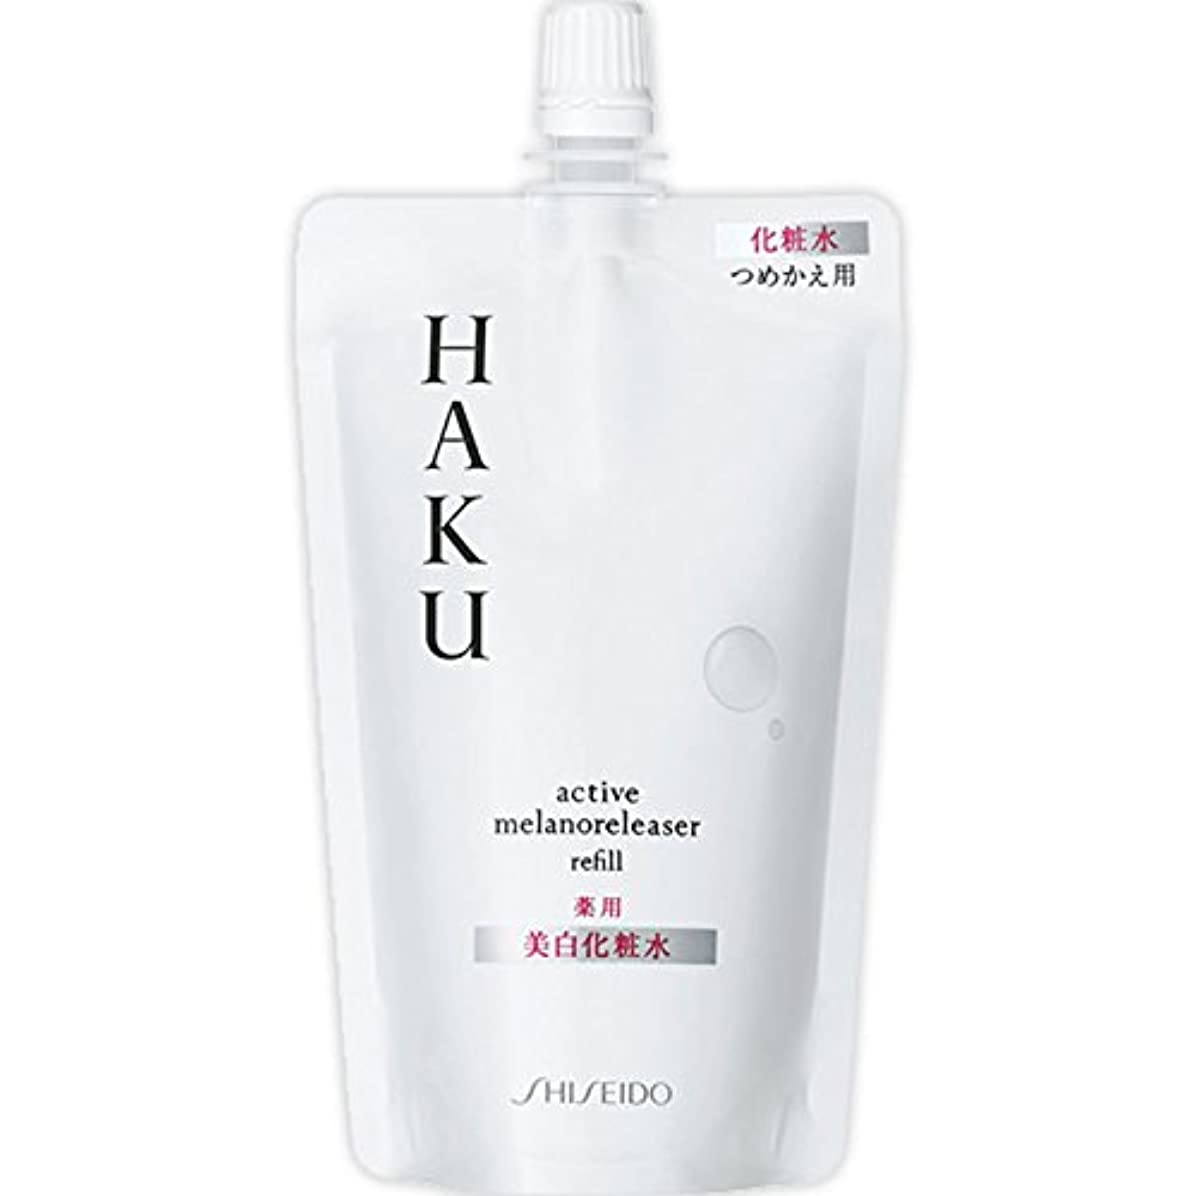 苦しめるフィヨルドヒューマニスティック資生堂 HAKU アクティブメラノリリーサー つめかえ用(レフィル) 100ml (医薬部外品)